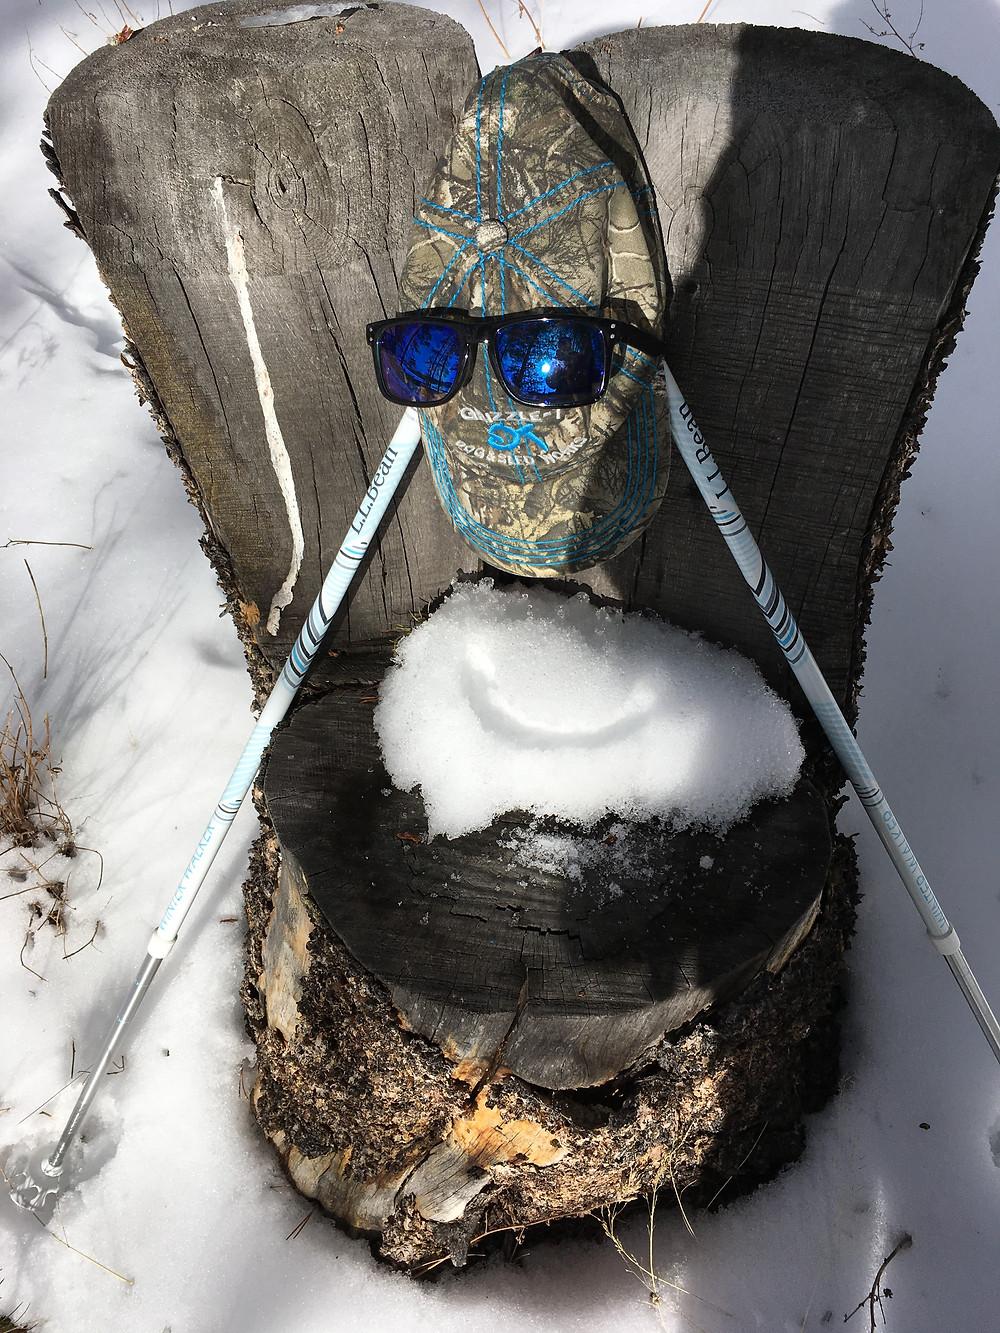 tree healing, snowshoeing